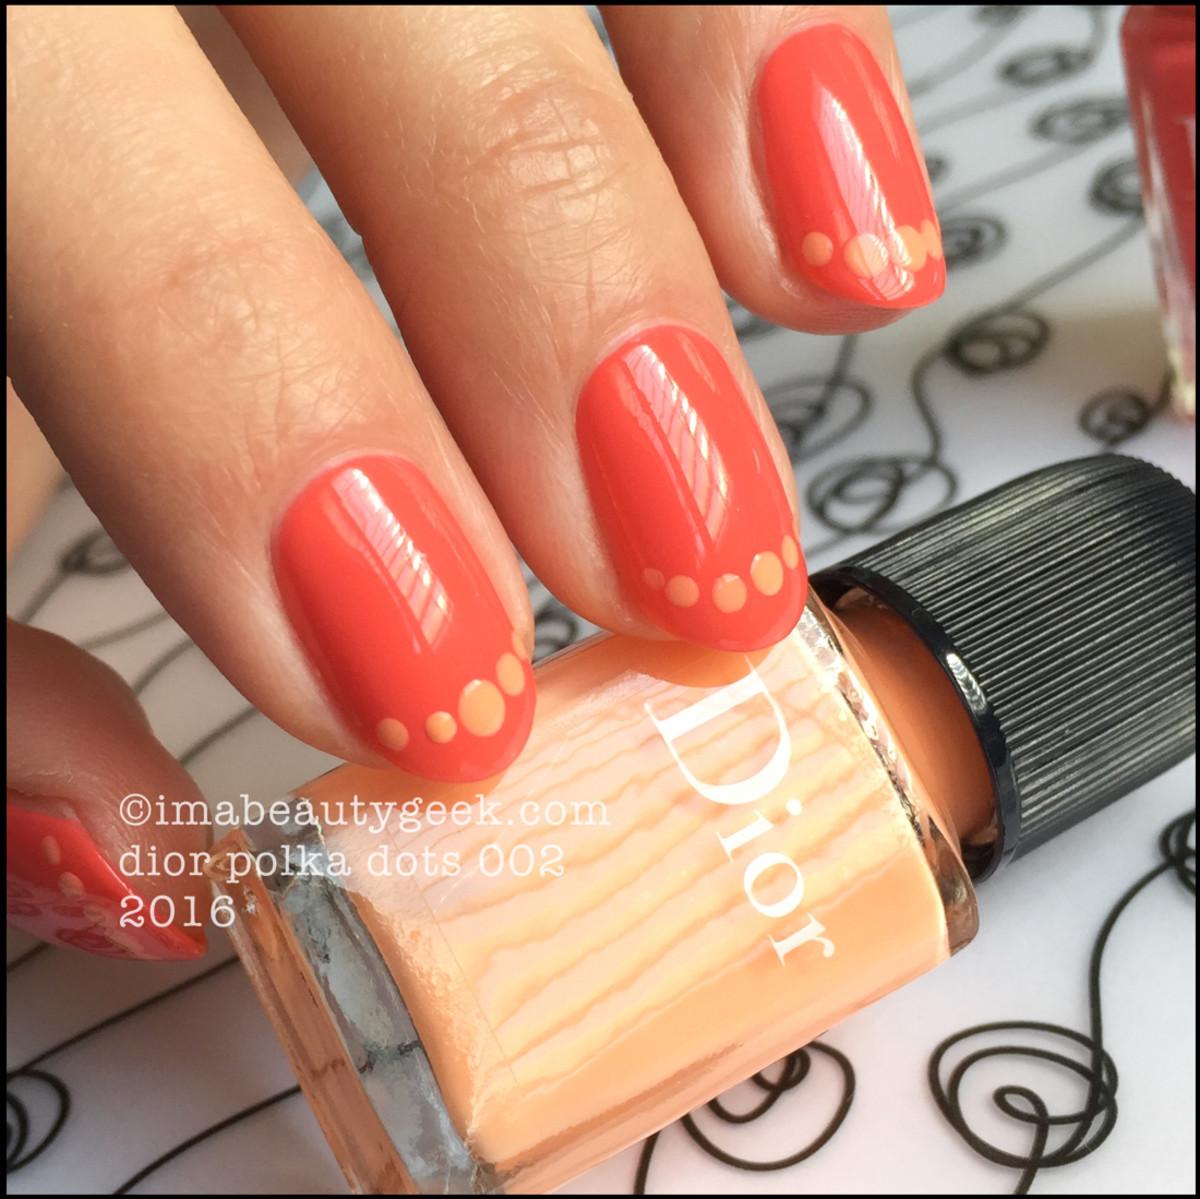 Dior Polka Dots 002_Dior Vernis 652 and 432 Summer 2016